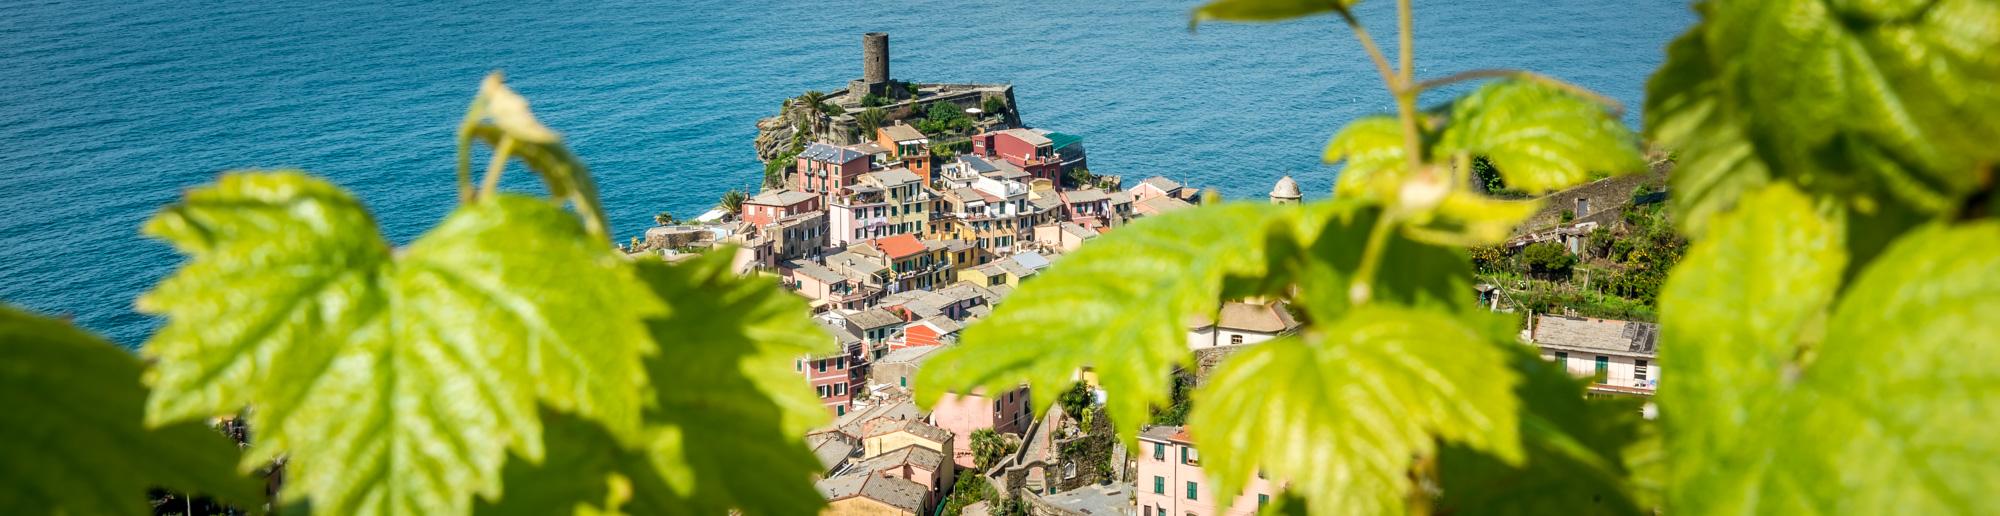 Vernazza, ein malerisches Dorf im Nationalpark der Cinque Terre